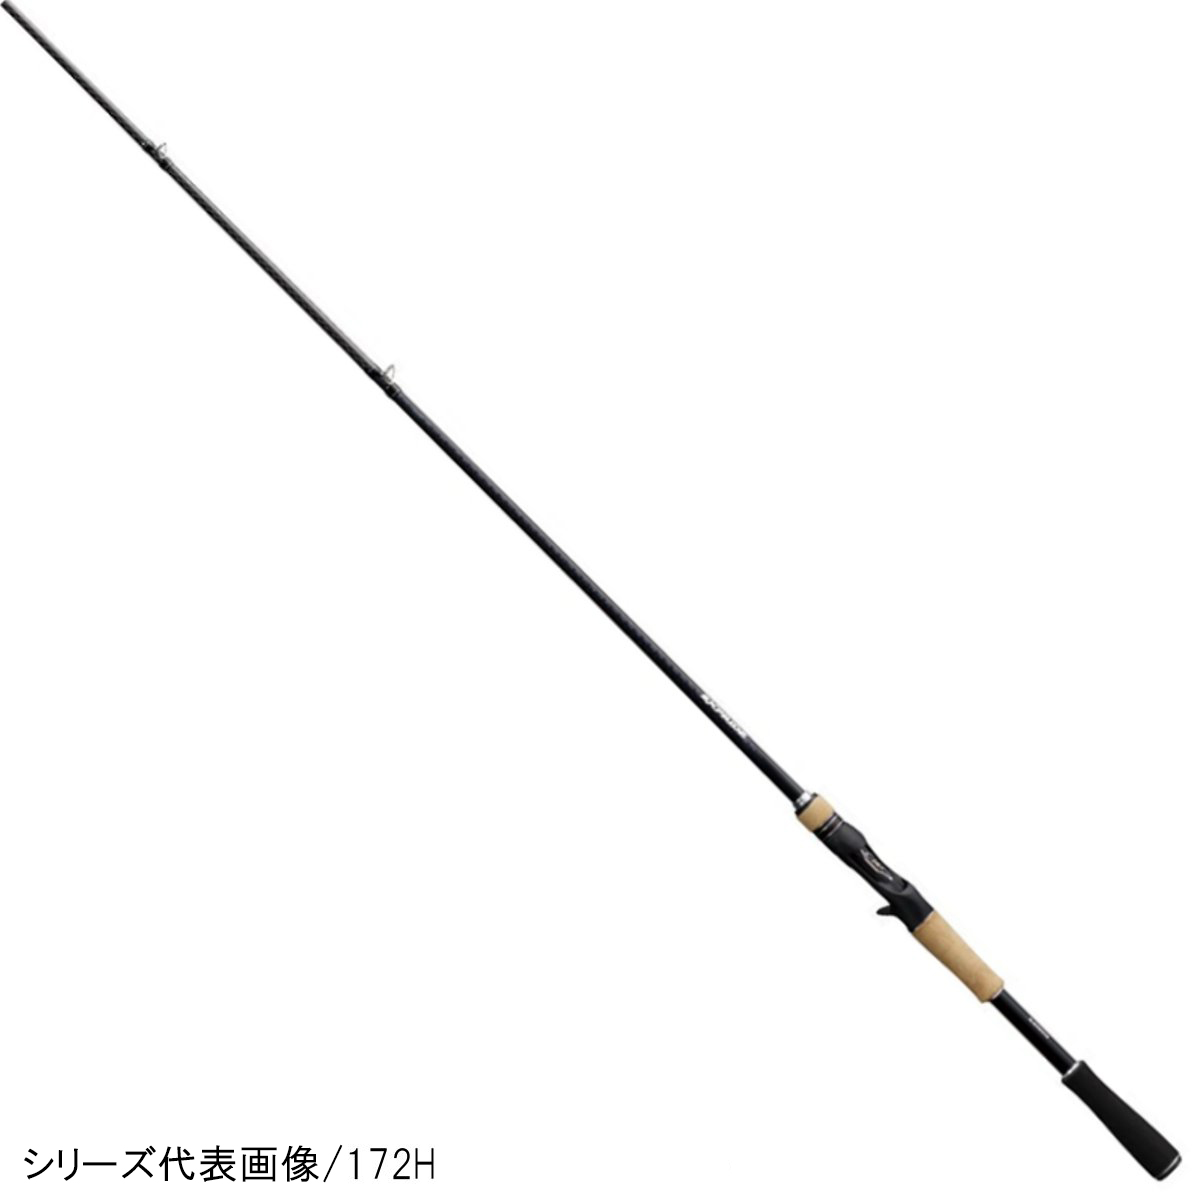 シマノ エクスプライド 1610M-2(東日本店)